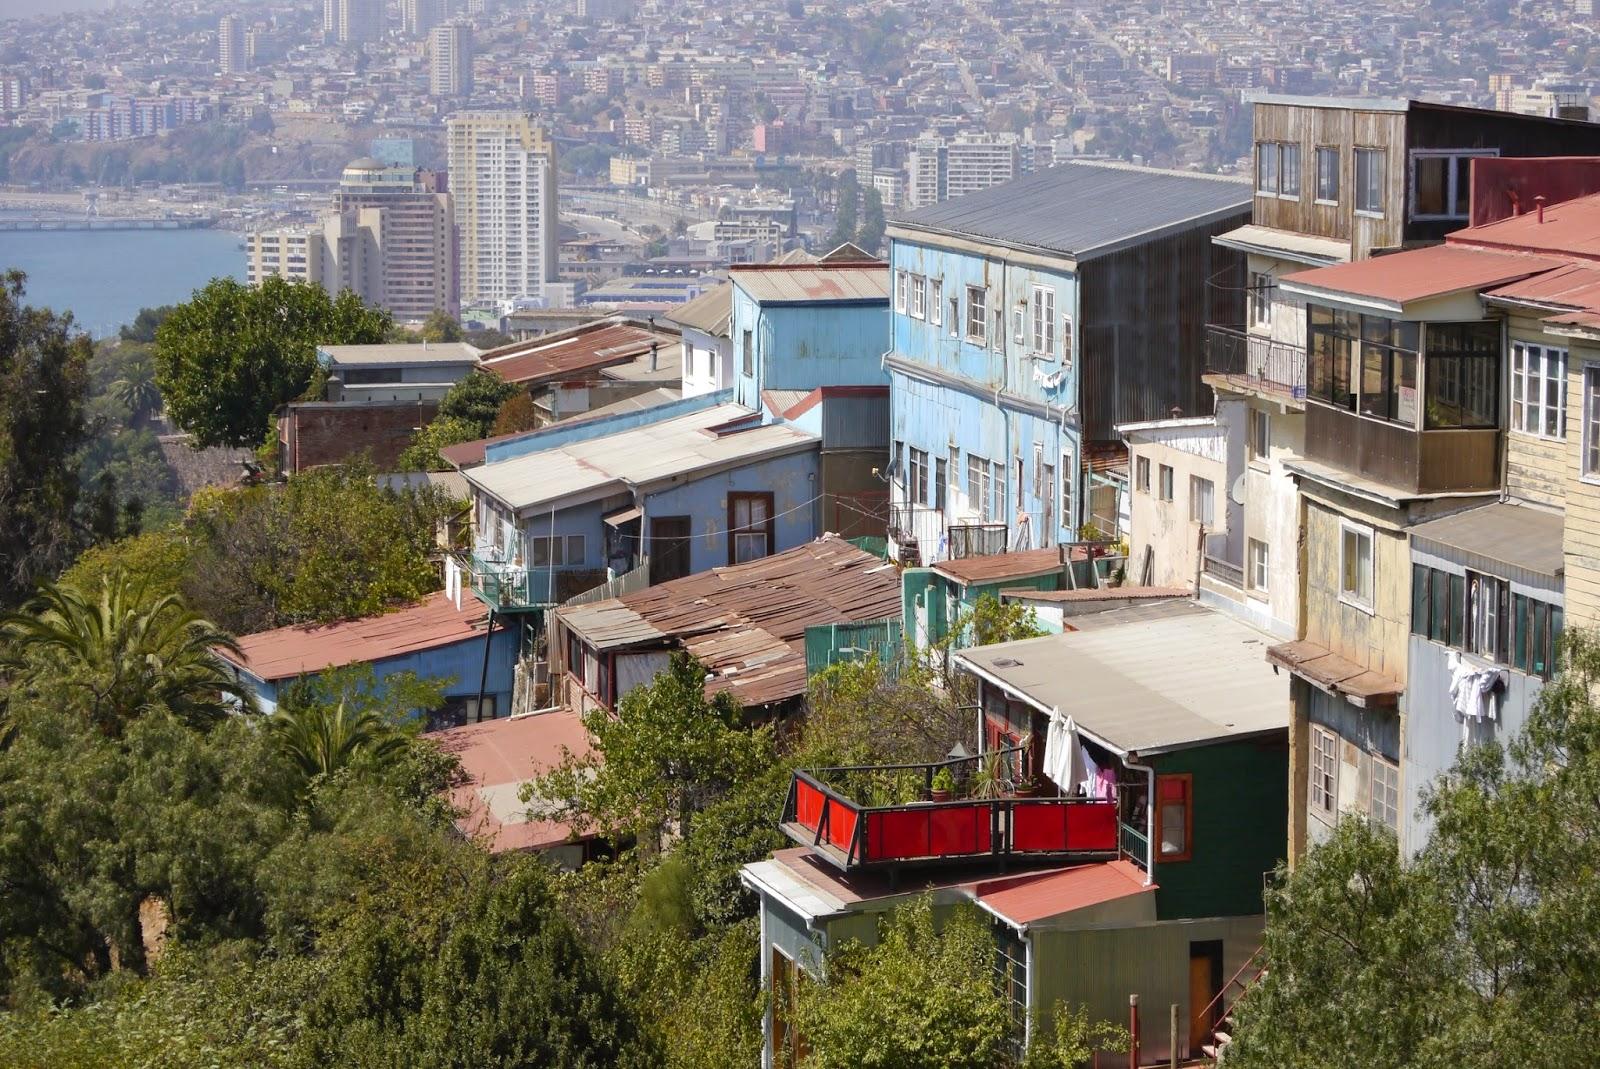 3 Monate Südamerika: von Valparaiso über die Anden nach Mendoza